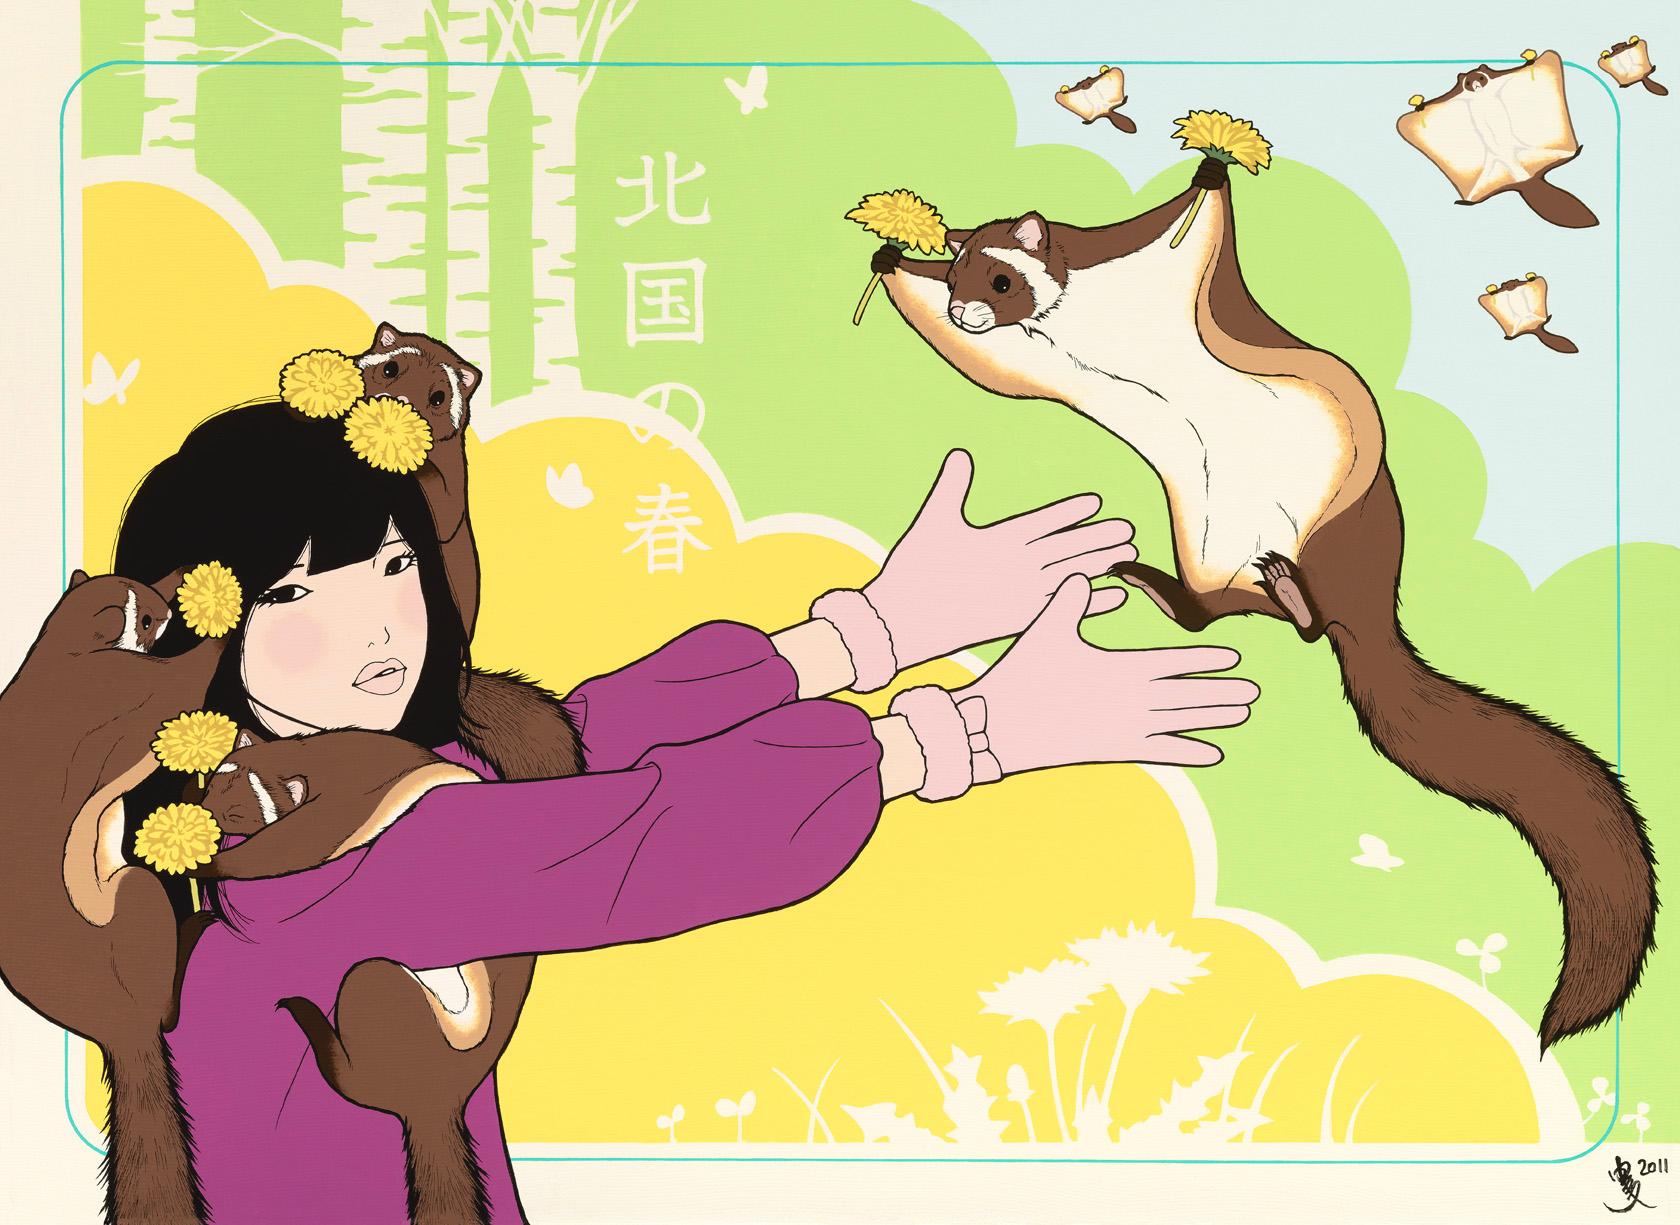 北国の春/KITAGUNI NO HARU (Spring In Northern Country)